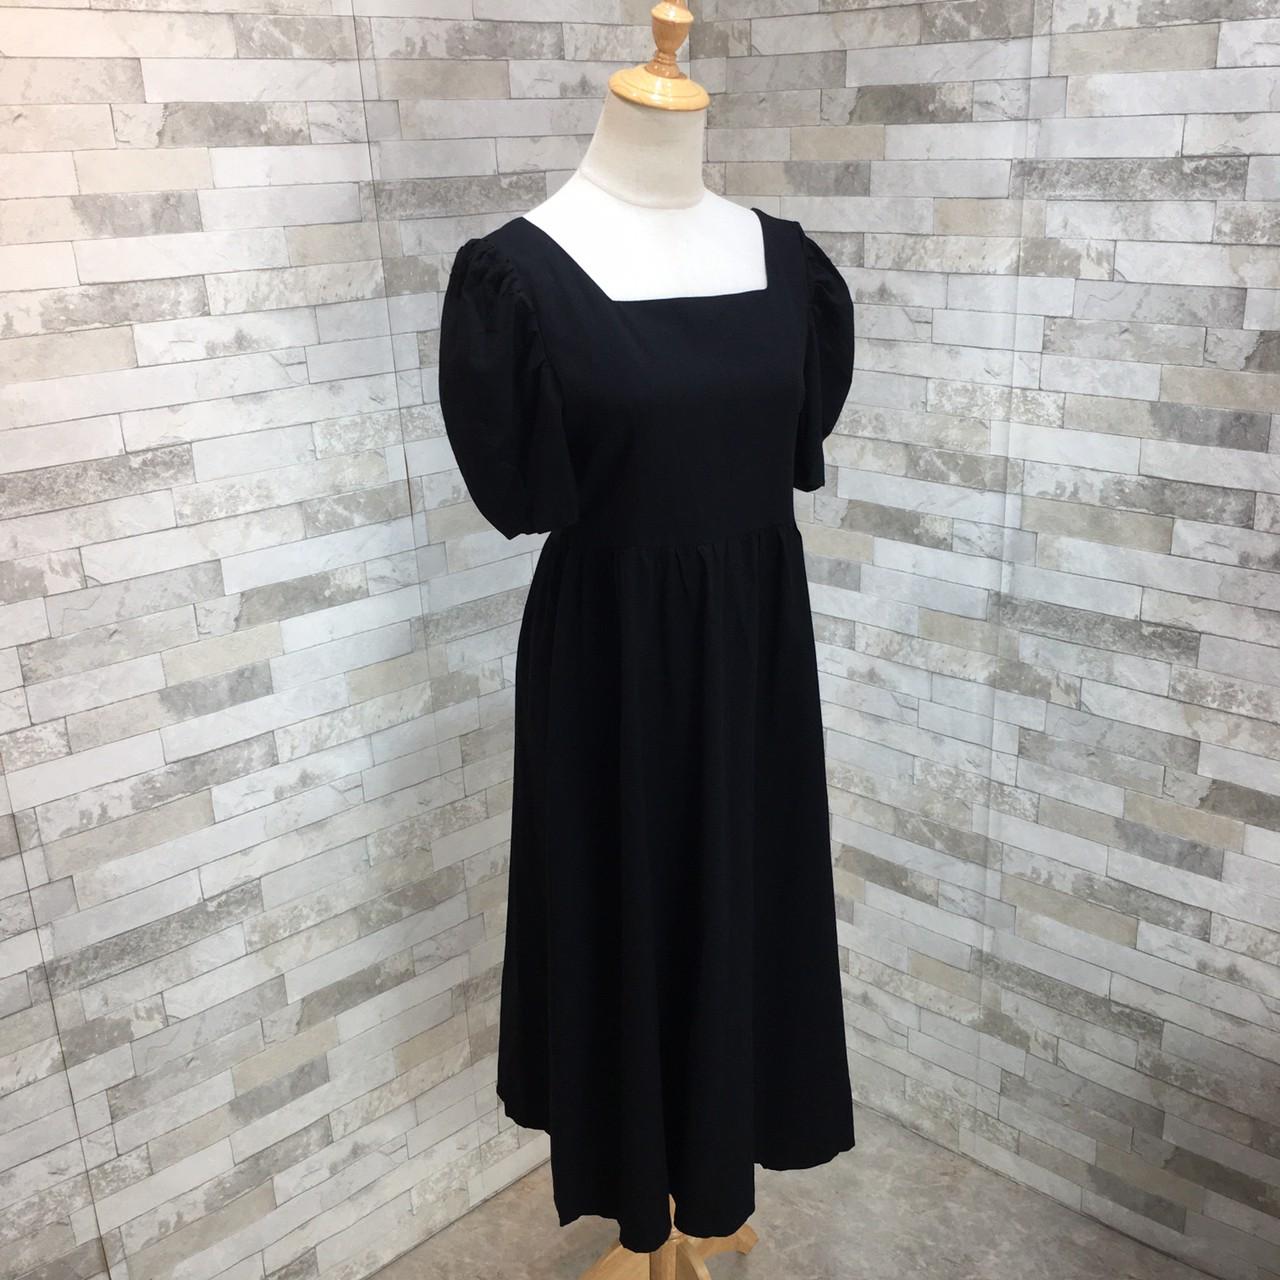 韓国 ファッション ワンピース 春 夏 カジュアル PTXJ816  パフスリーブ スクエアネック ハイウエスト オルチャン シンプル 定番 セレカジの写真18枚目